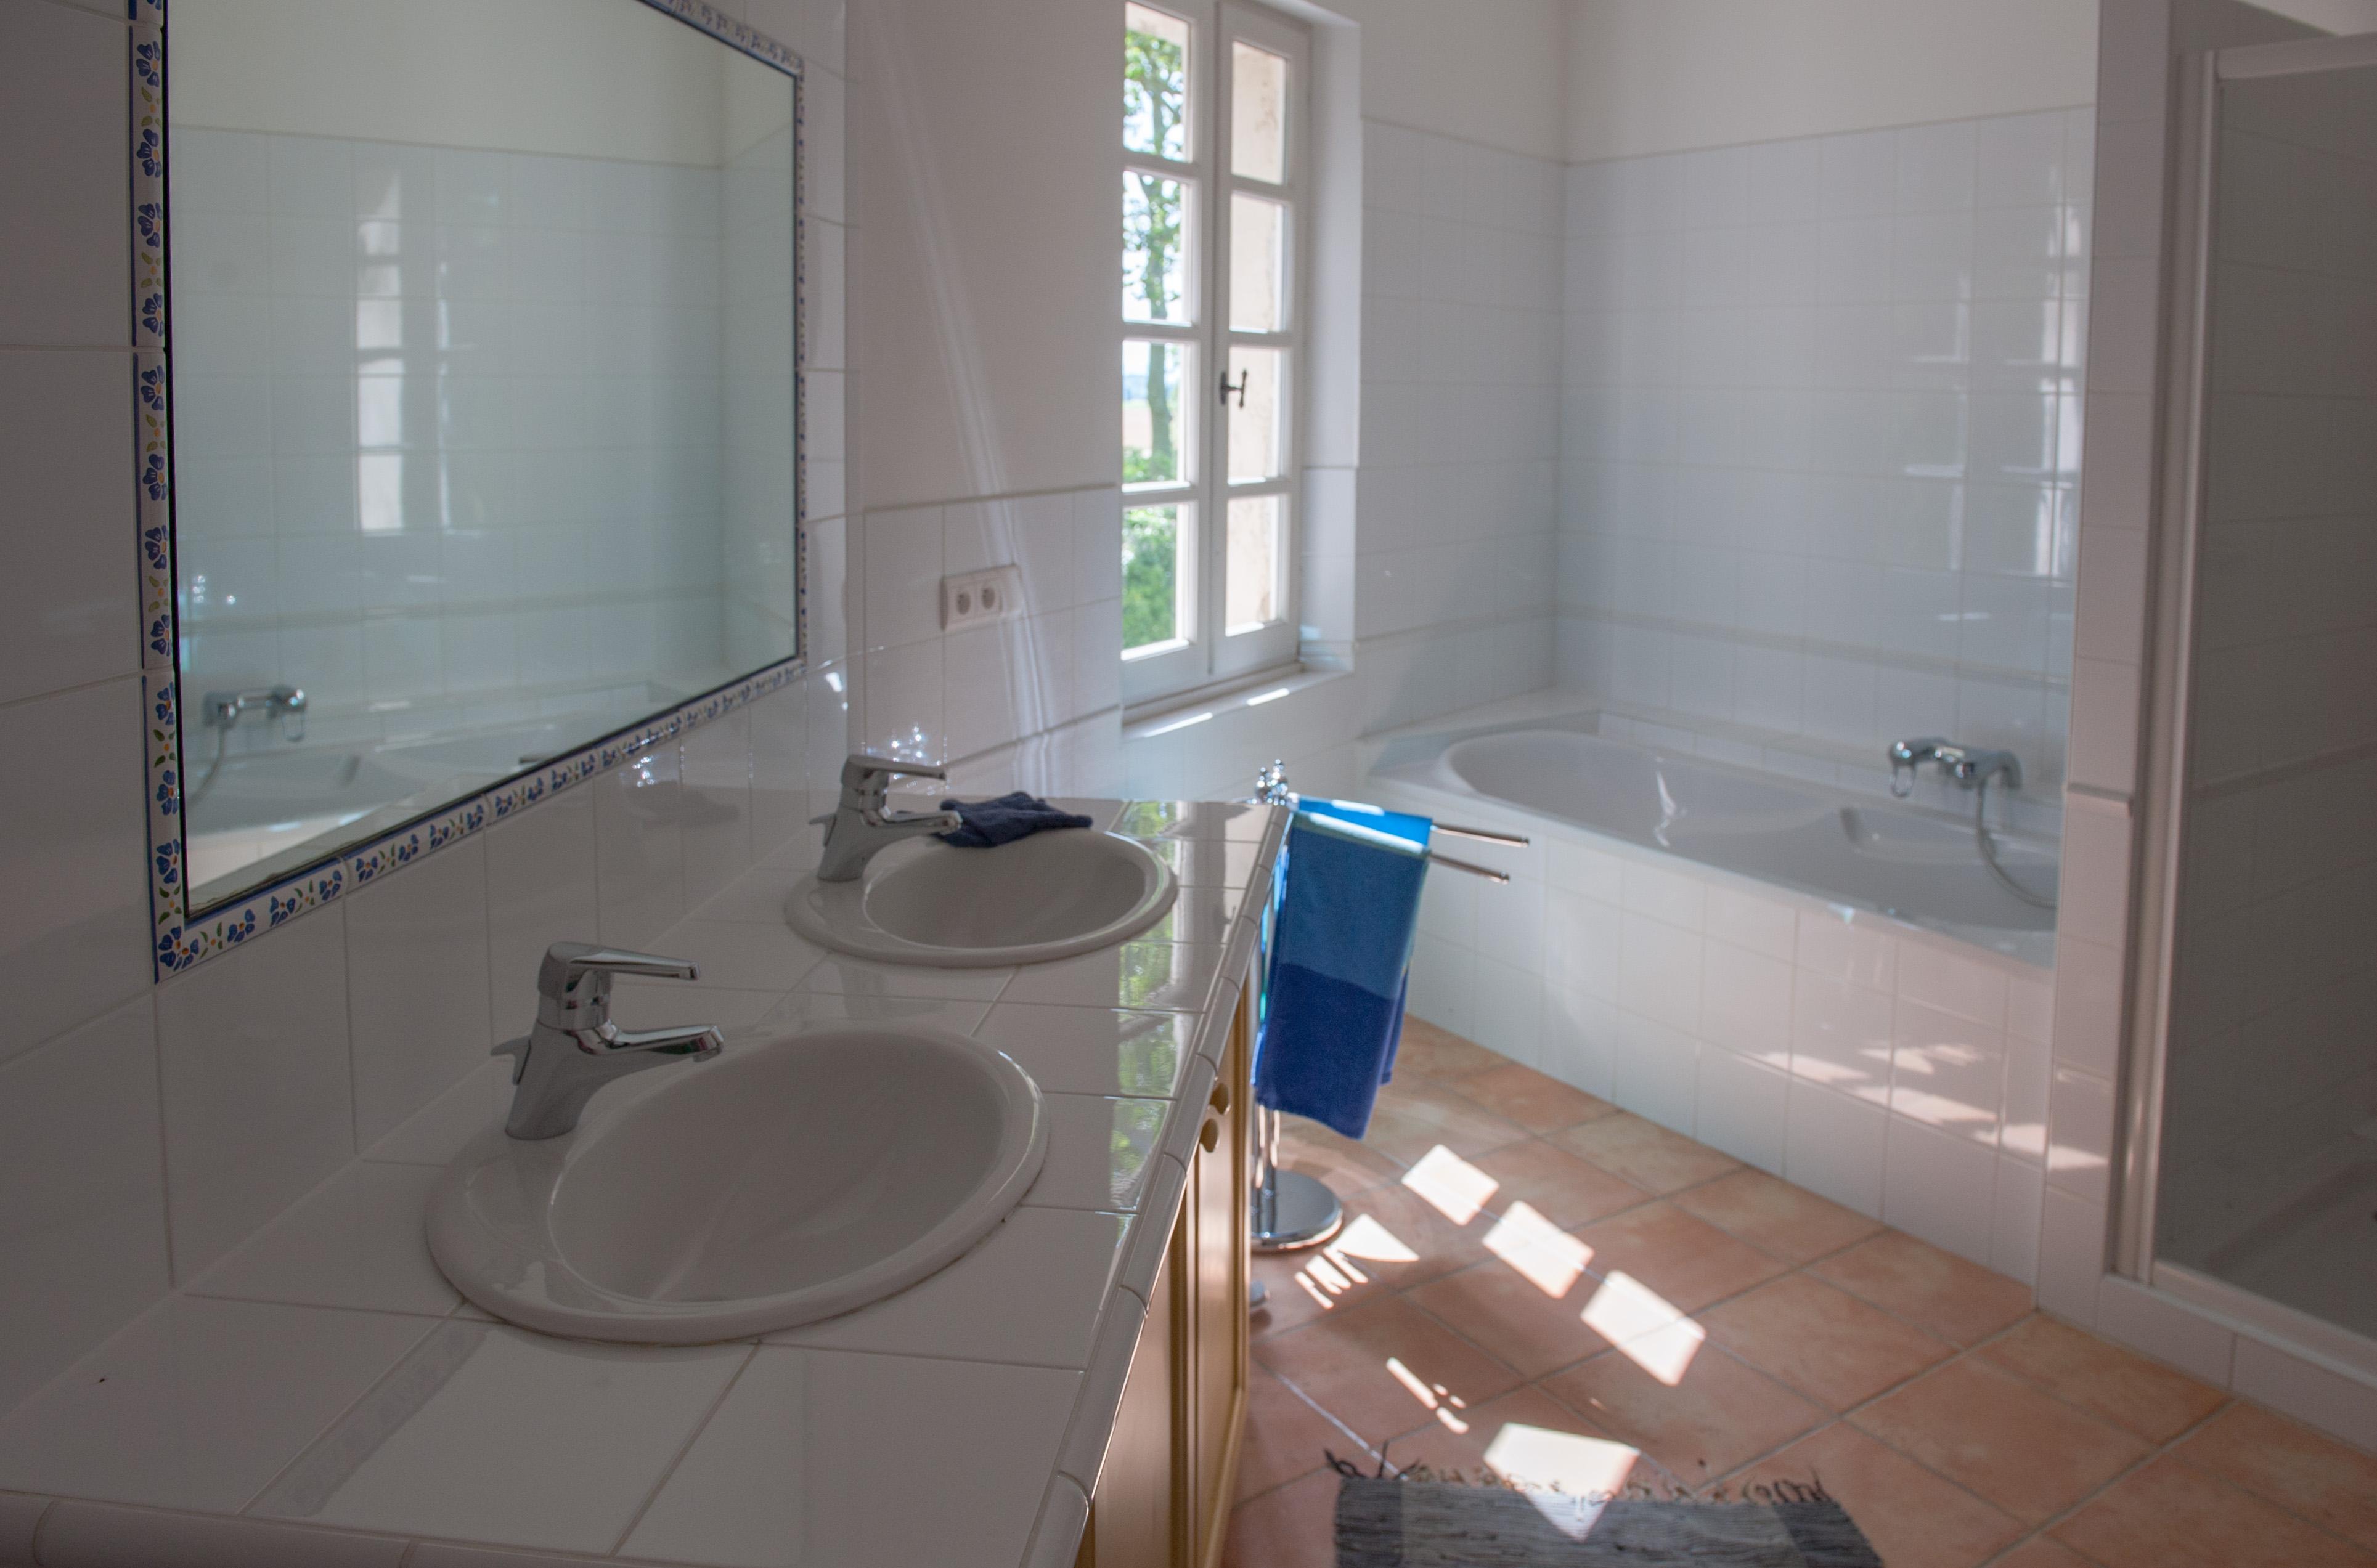 Salle de bain petite baignoire for Petite salle de bain avec toilette